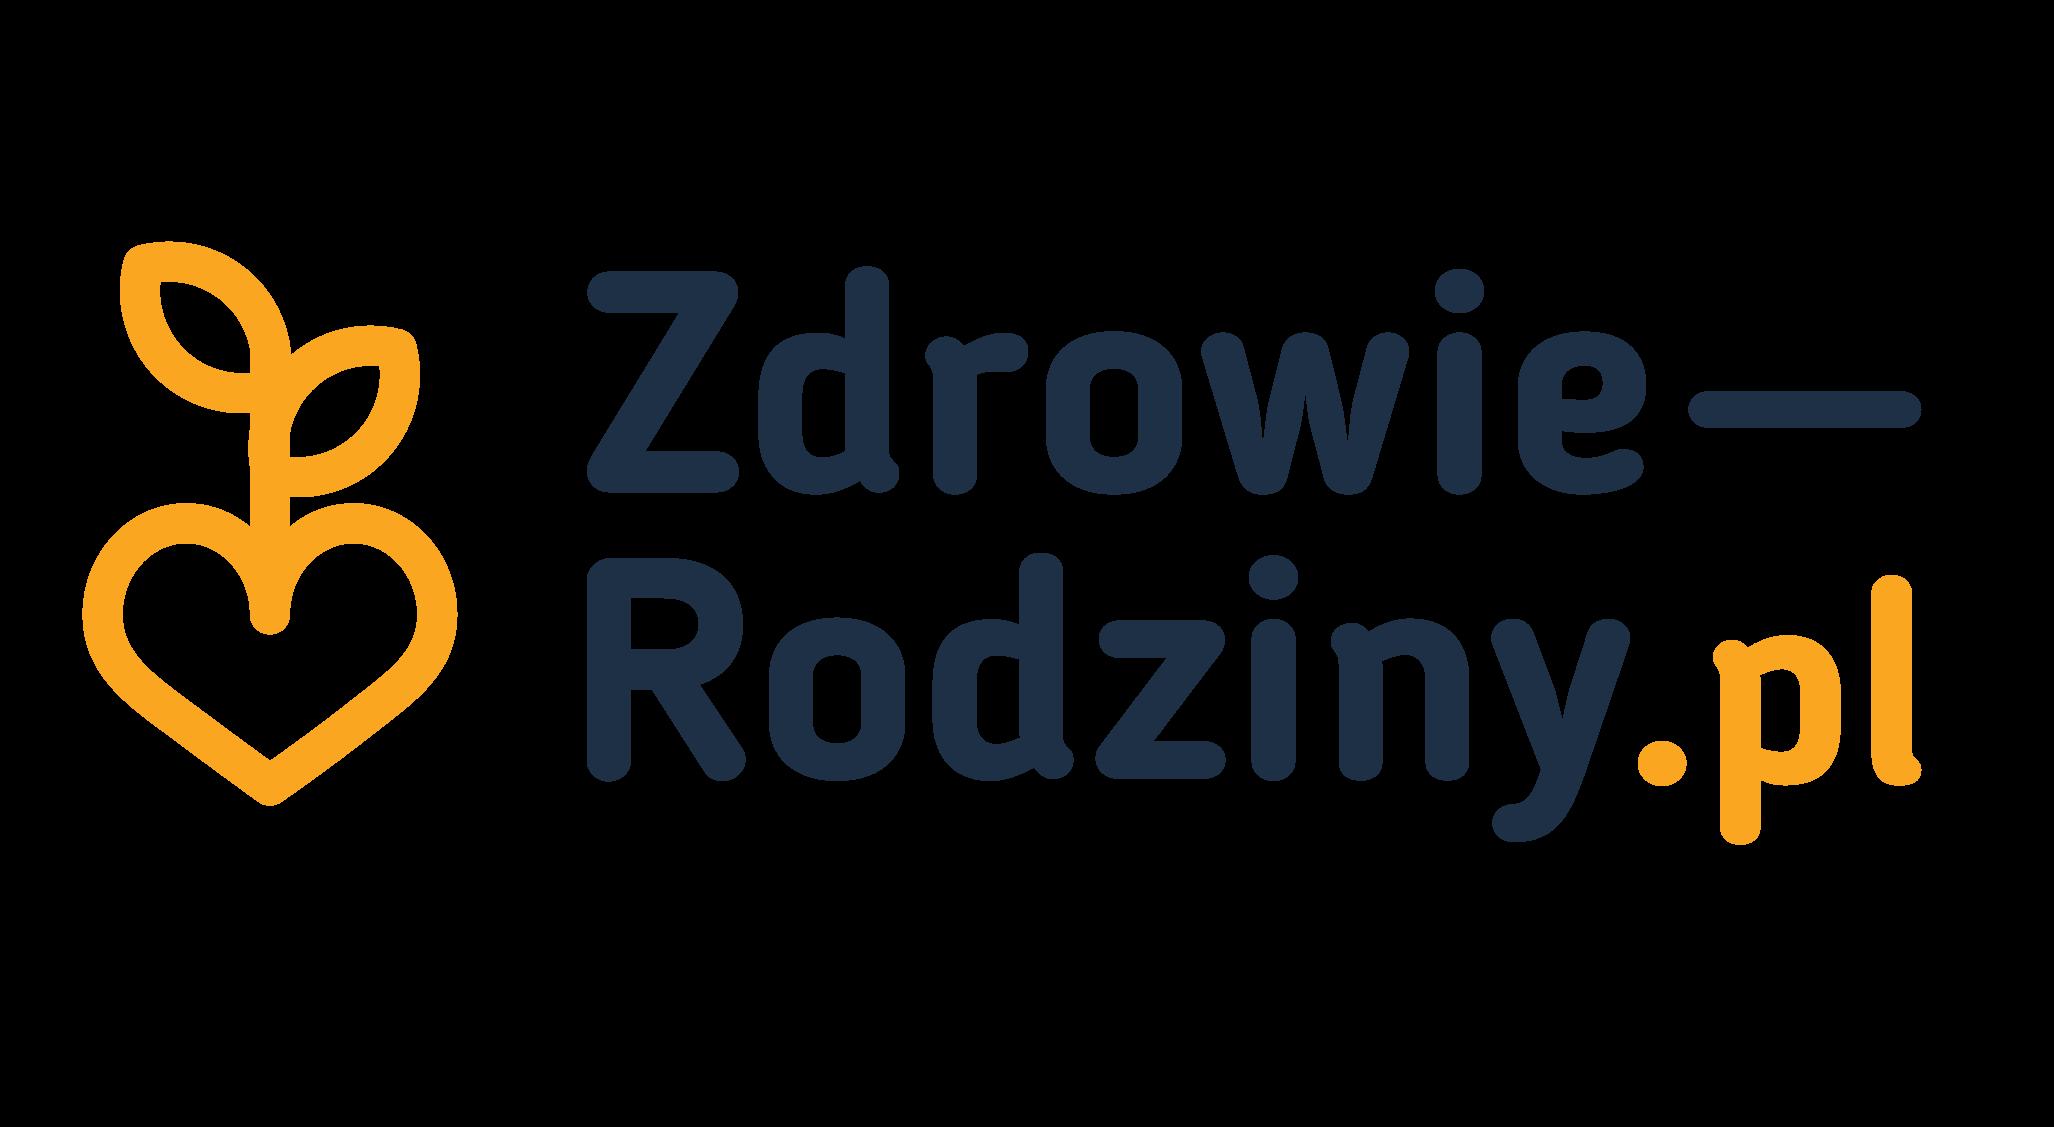 Portal Zdrowotny – Zdrowie-Rodziny.pl | Żyjmy zdrowo i świadomie